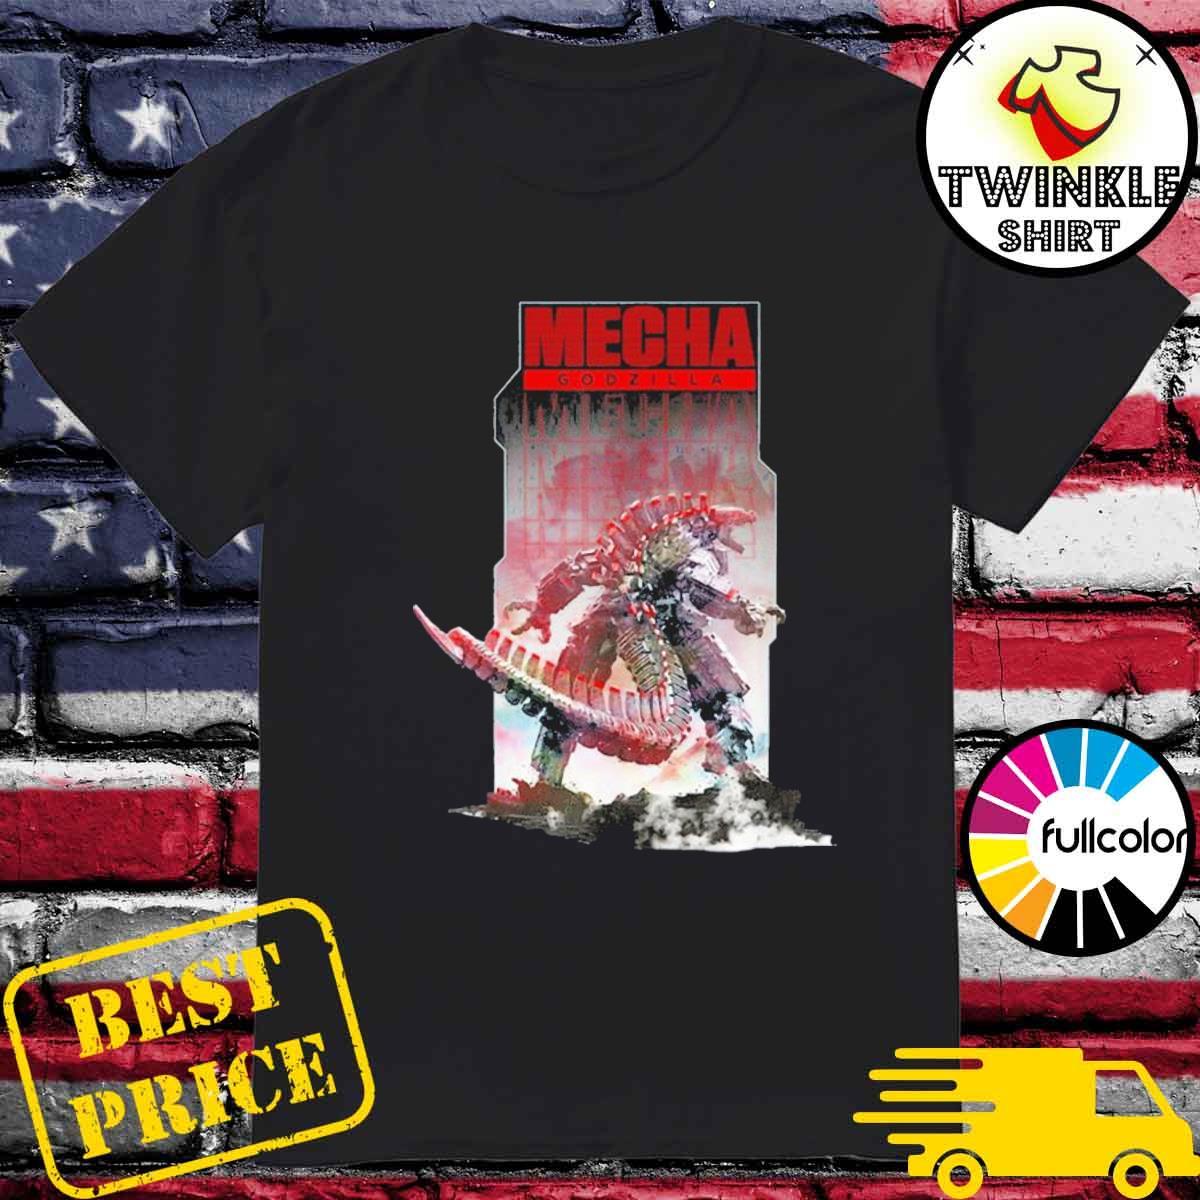 Official Godzilla vs kong – mechagodzilla shirt